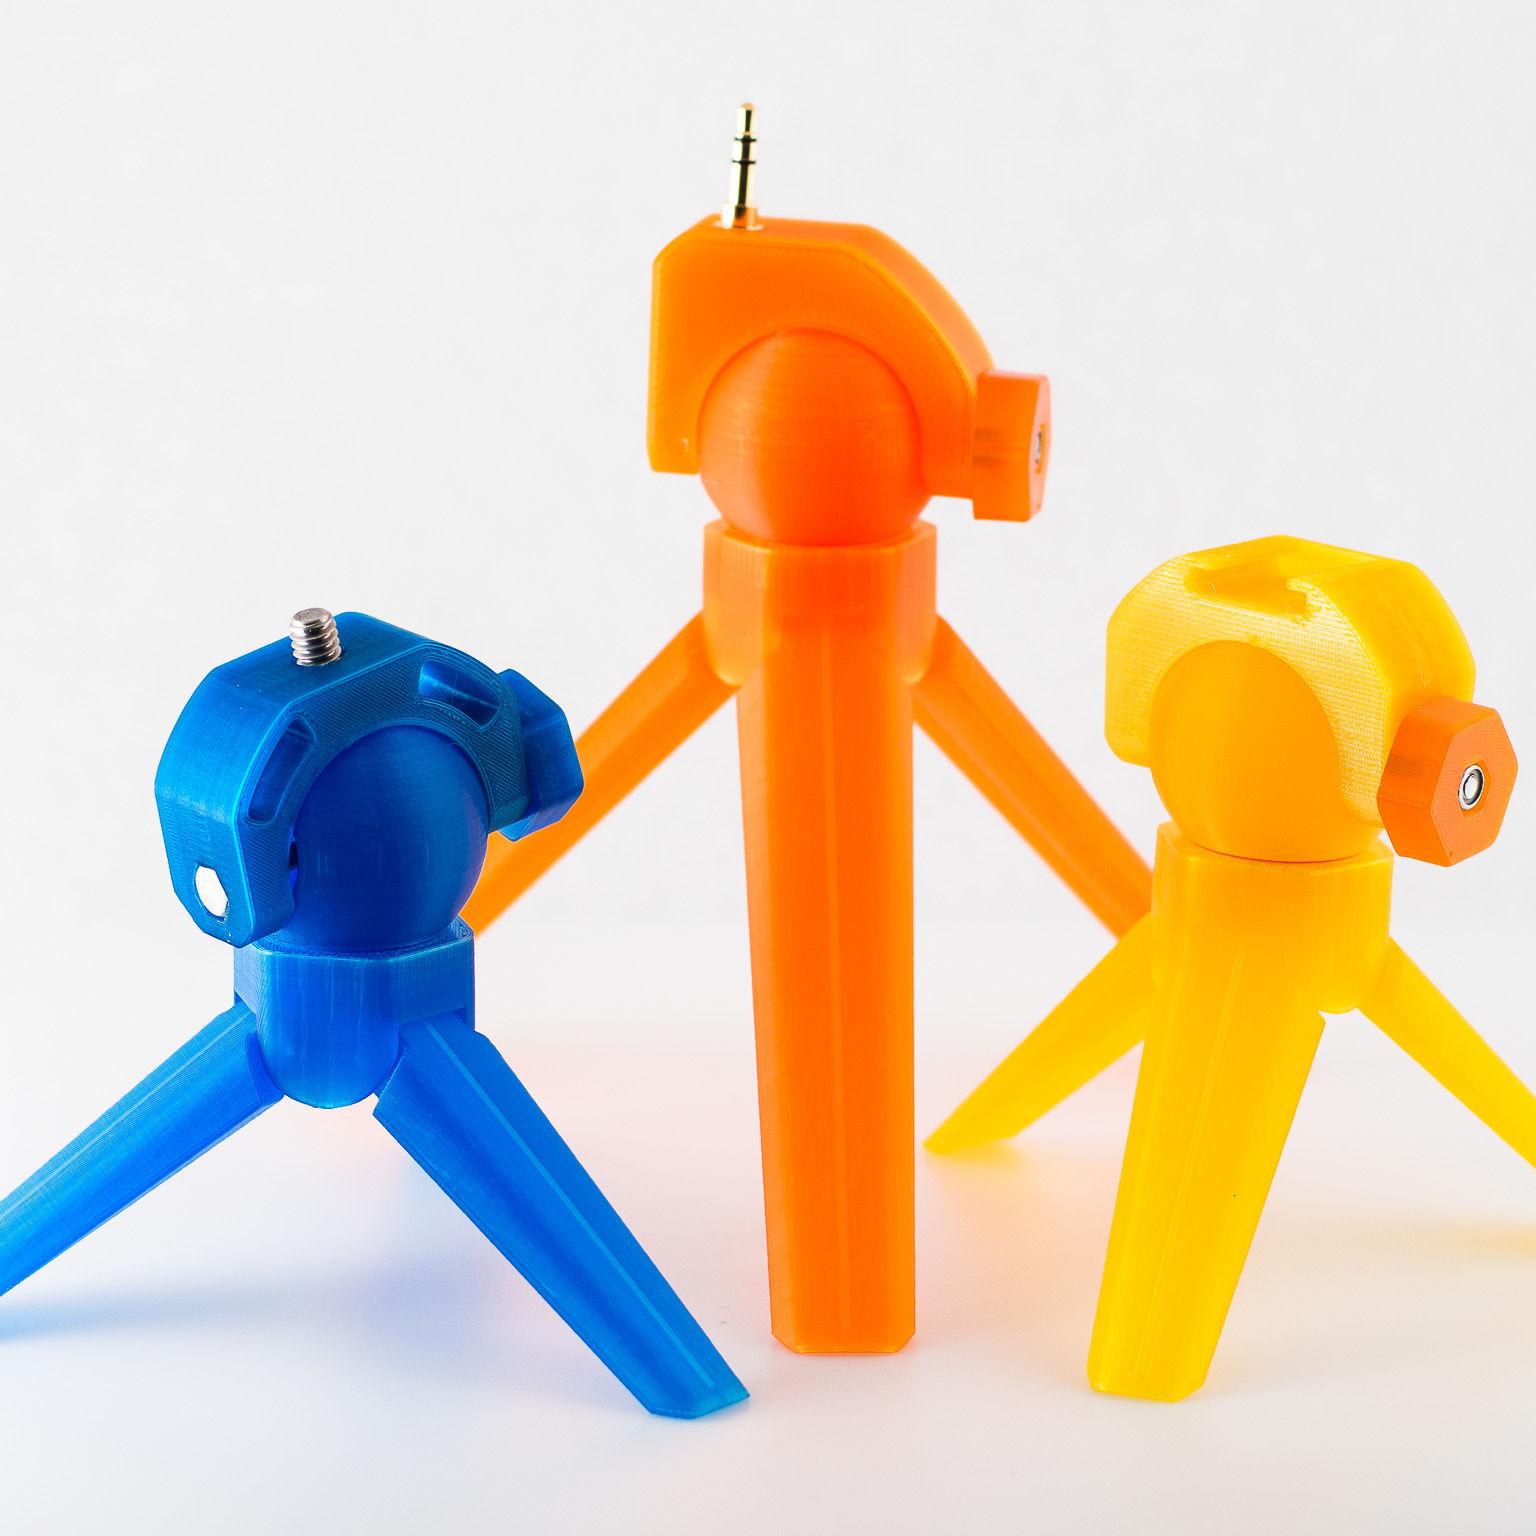 Universal mini tripod